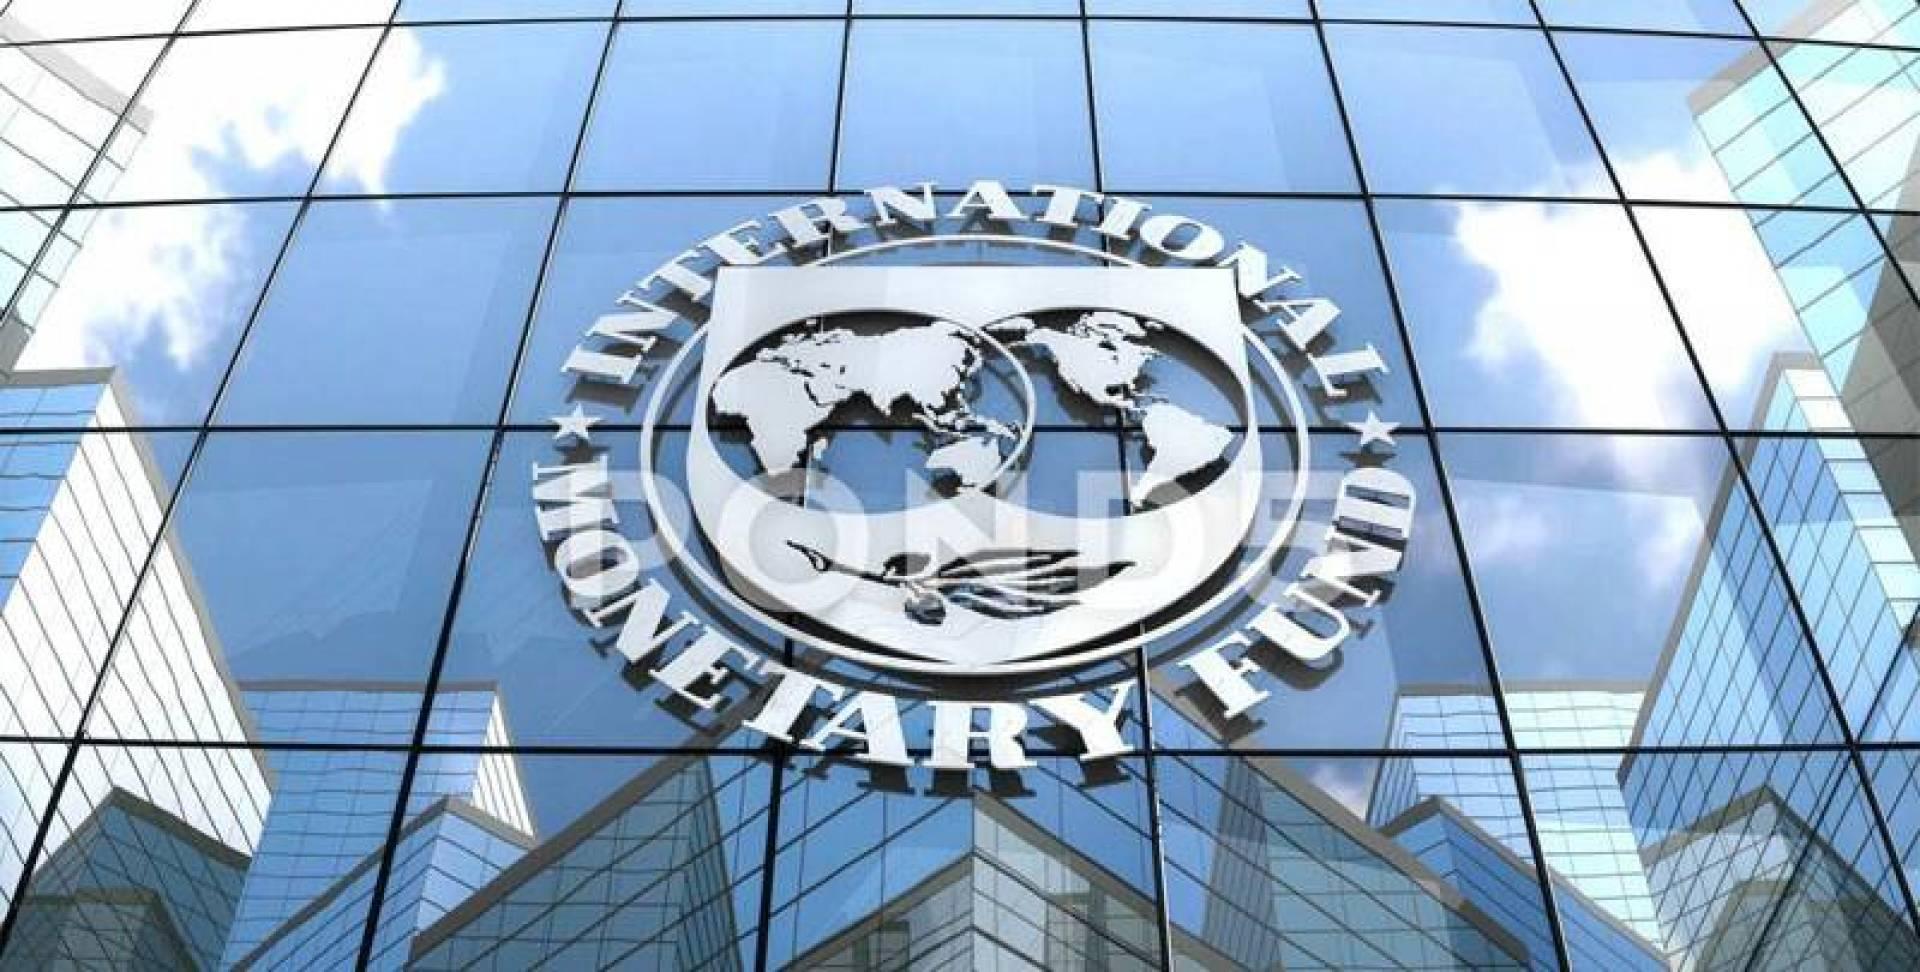 صندوق النقد الدولي: مصر تبنت 3 خطط استباقية جنبتها تداعيات جائحة كوفيد-19